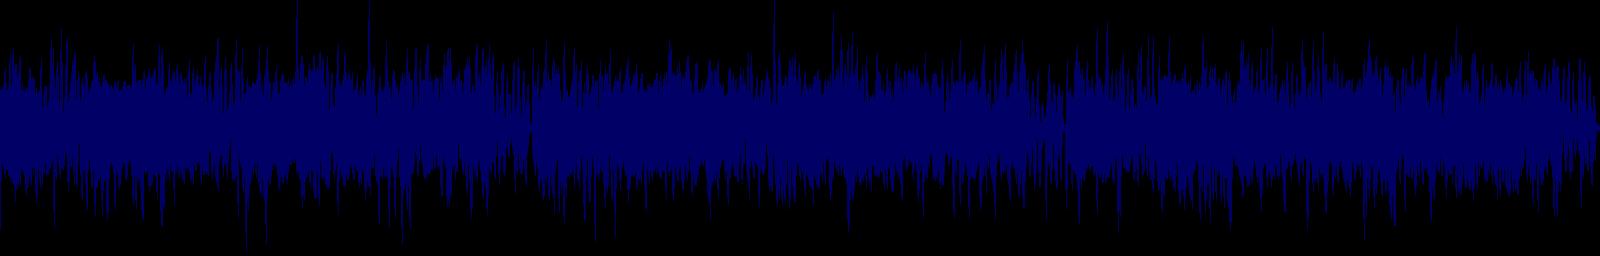 waveform of track #134433